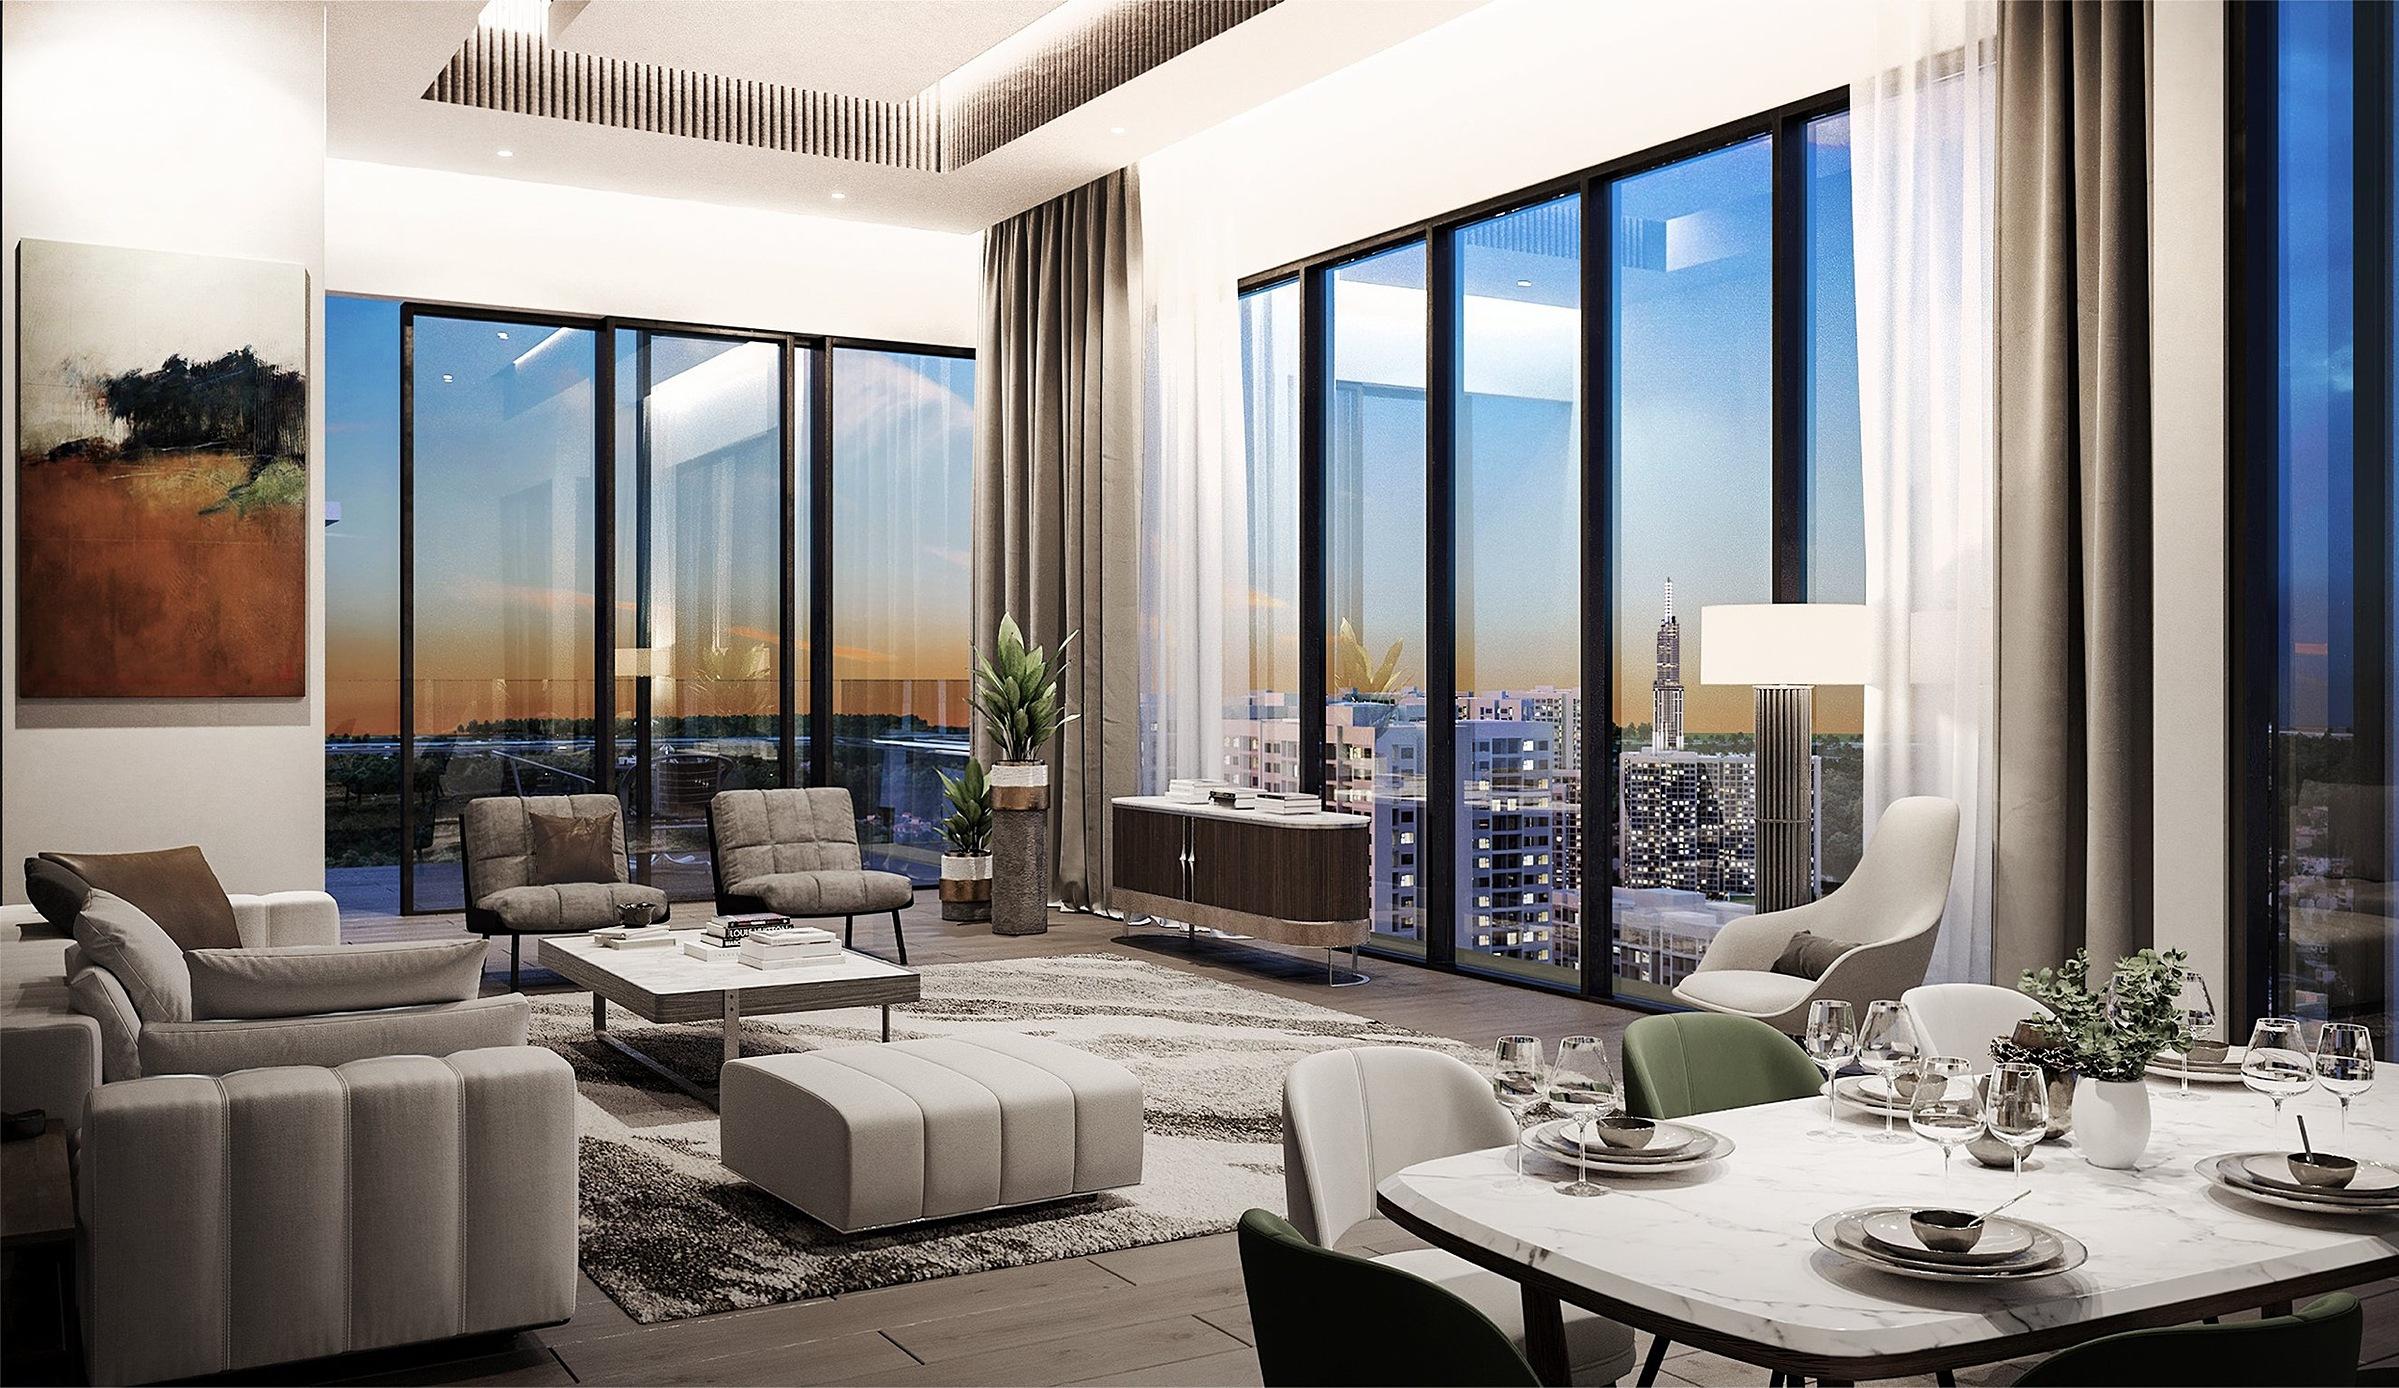 Phối cảnh nội thất căn hộ Masteri Centre tại thành phố mới Thủ Đức. Ảnh: Masterise Homes.